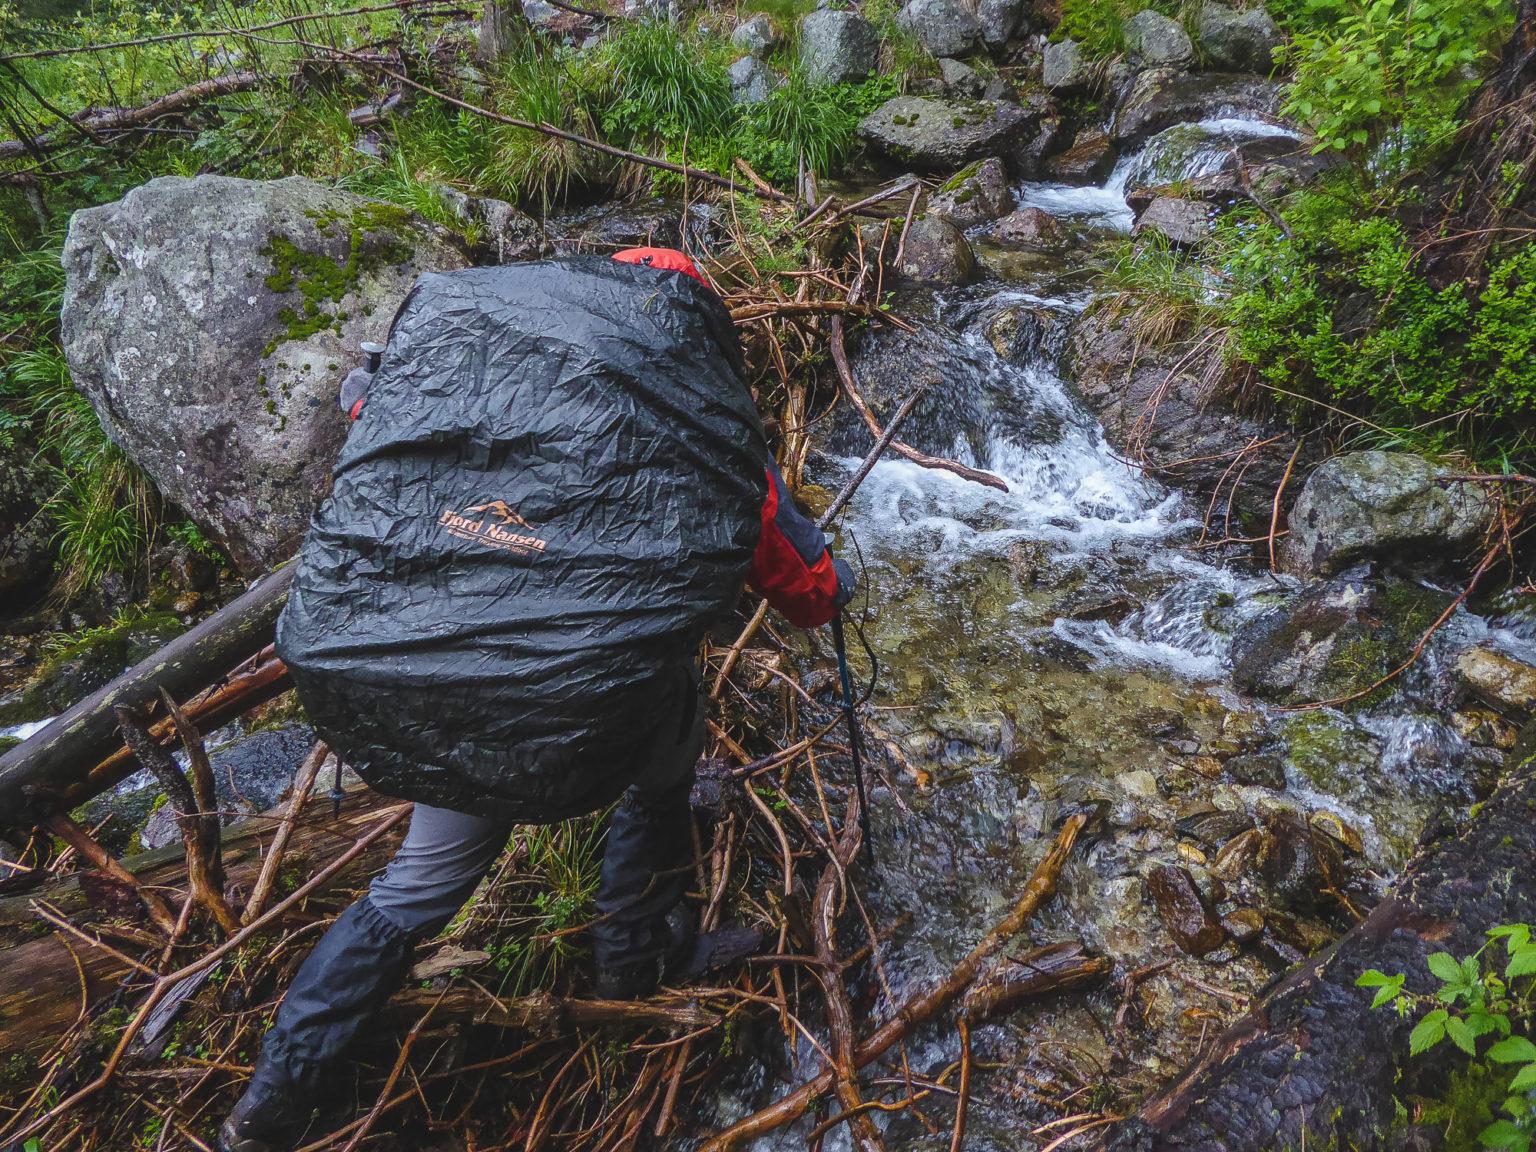 Monia przekracza potok górski